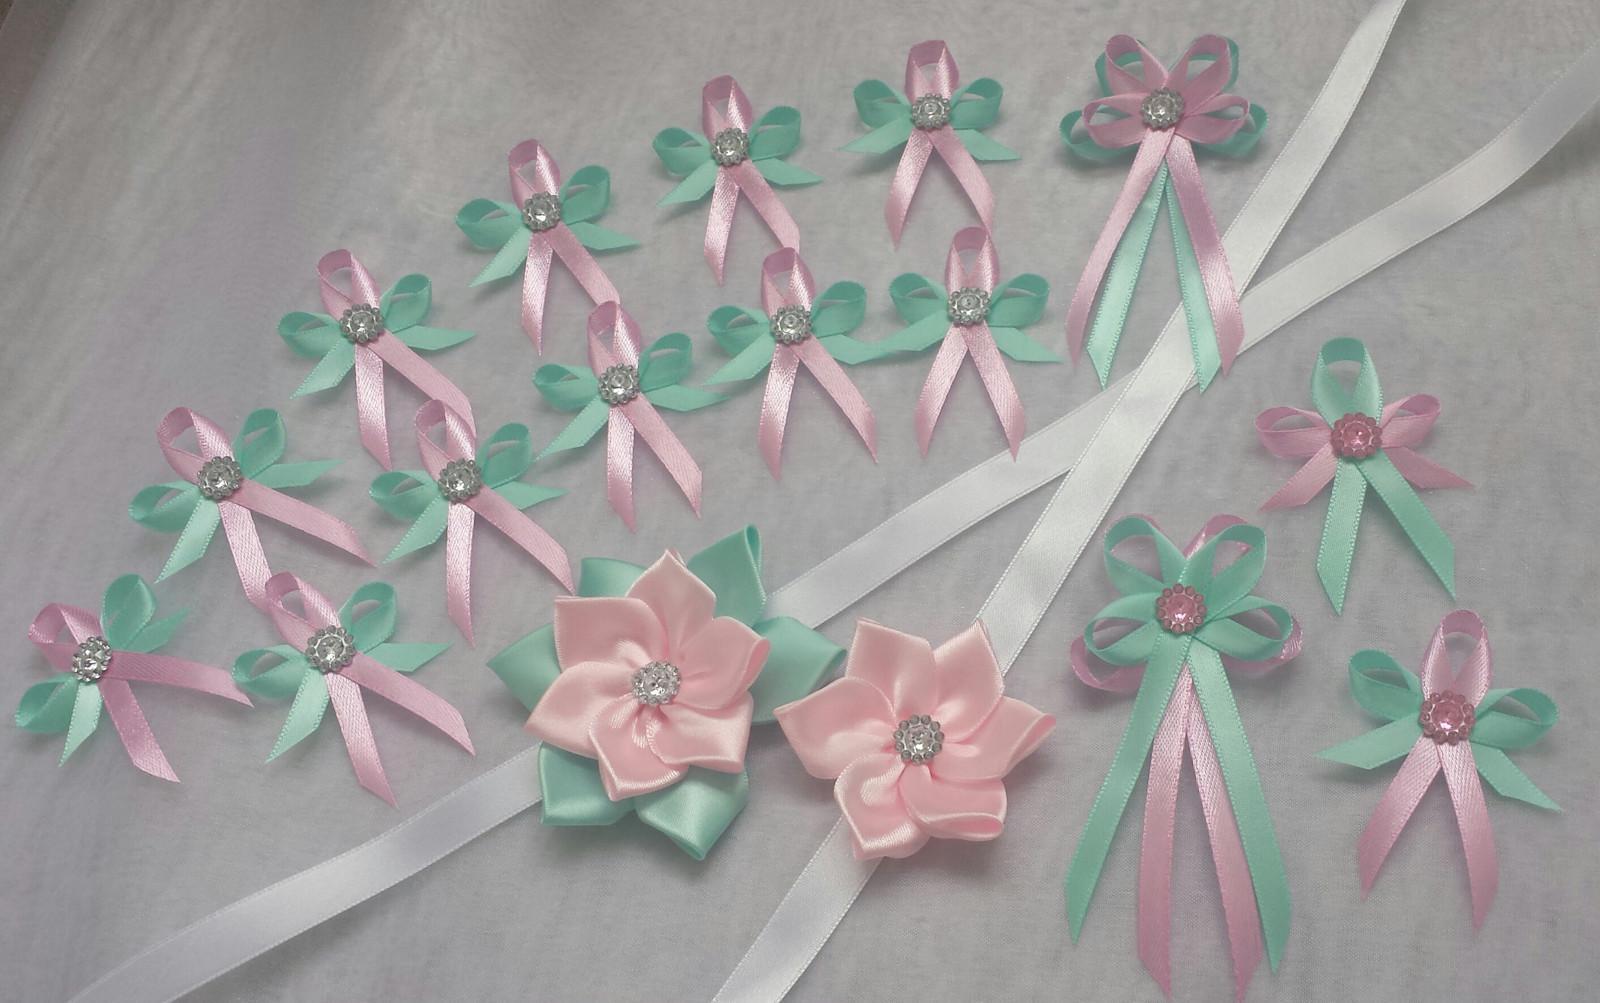 Svatební vývazky Tiffany blue and Pink - Obrázek č. 1